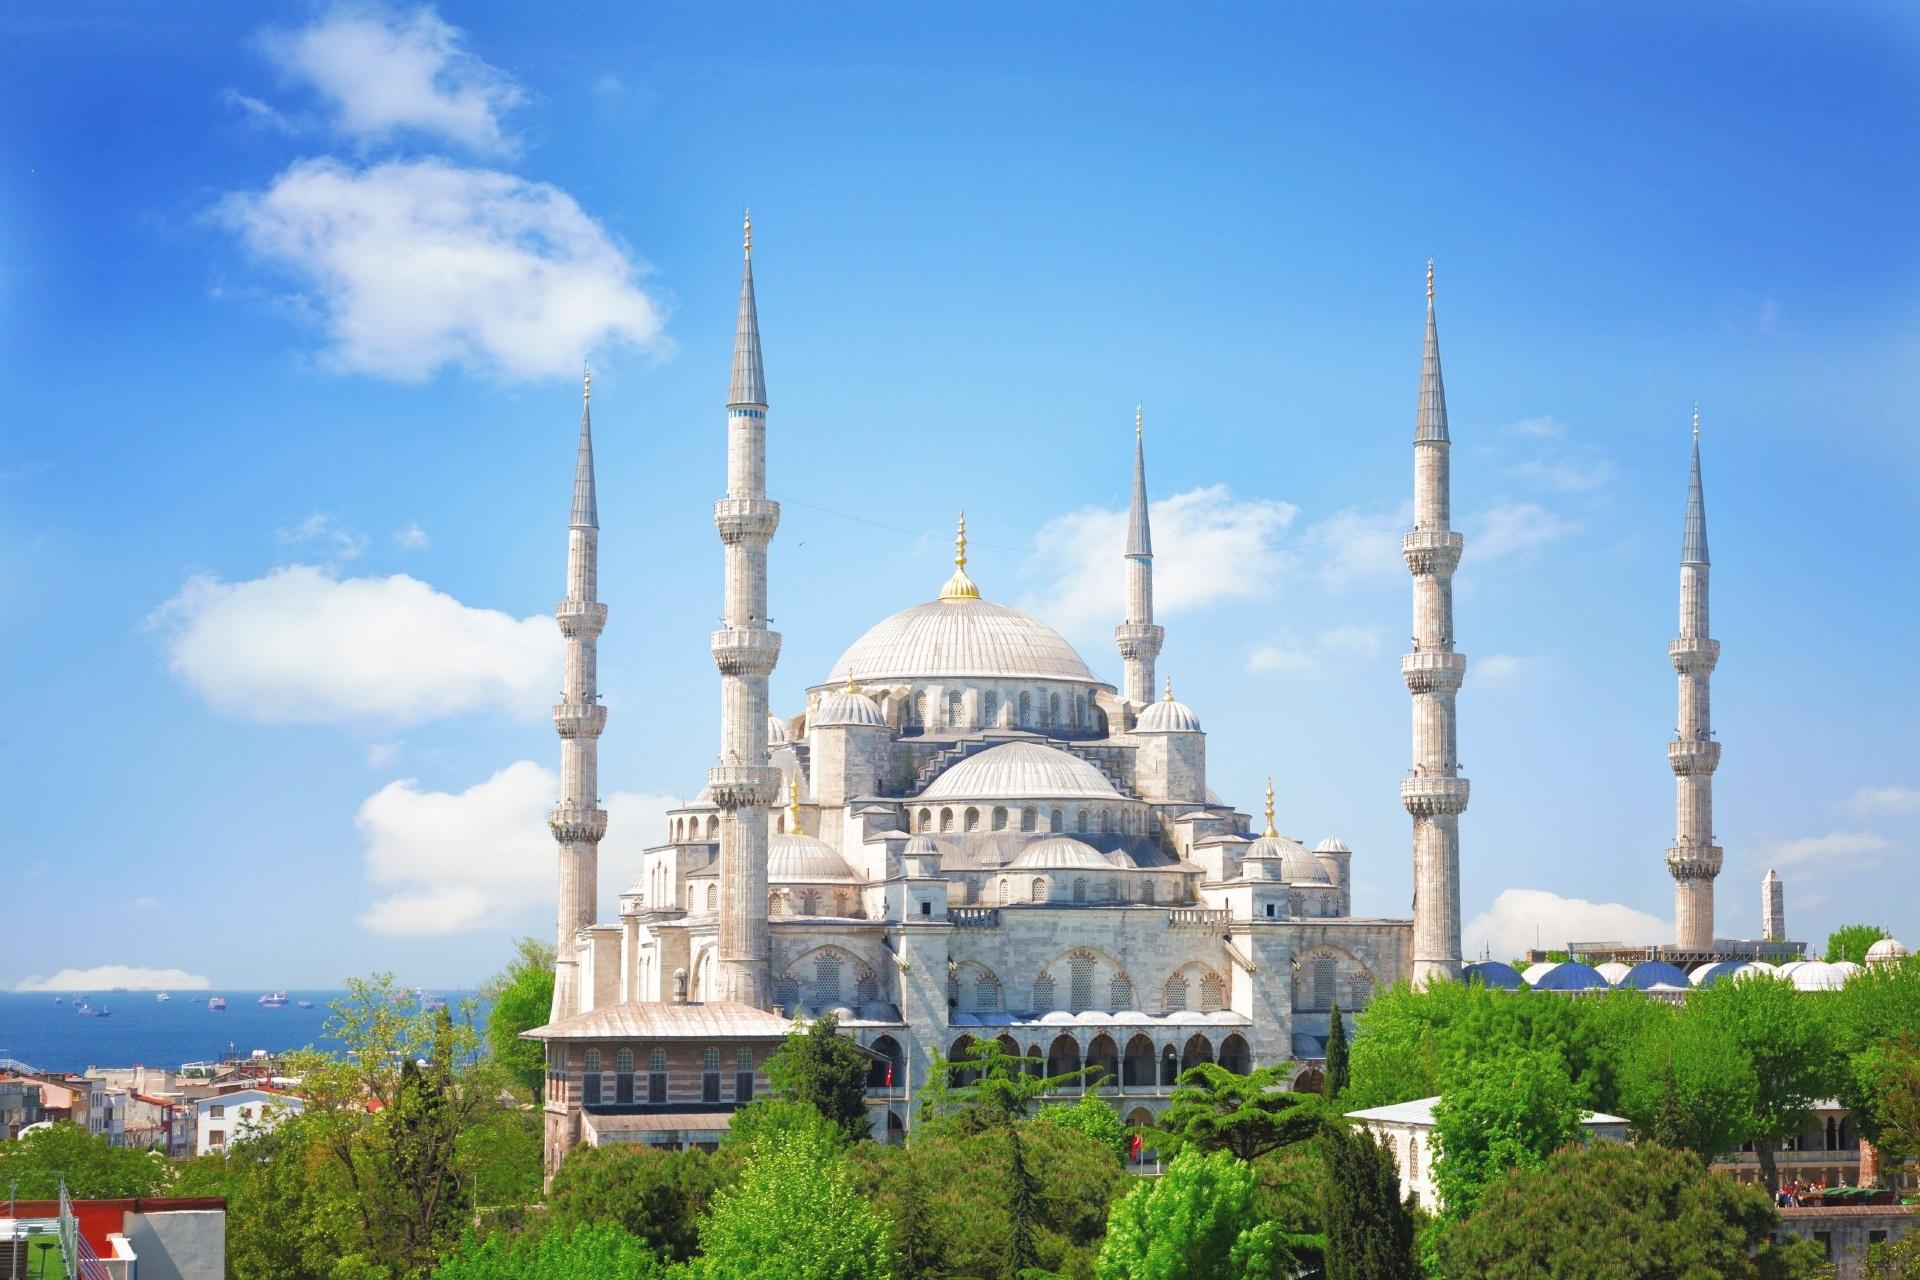 晴れた夏の日のスルタンアフメト・モスク(ブルー・モスク) イスタンブール トルコの風景